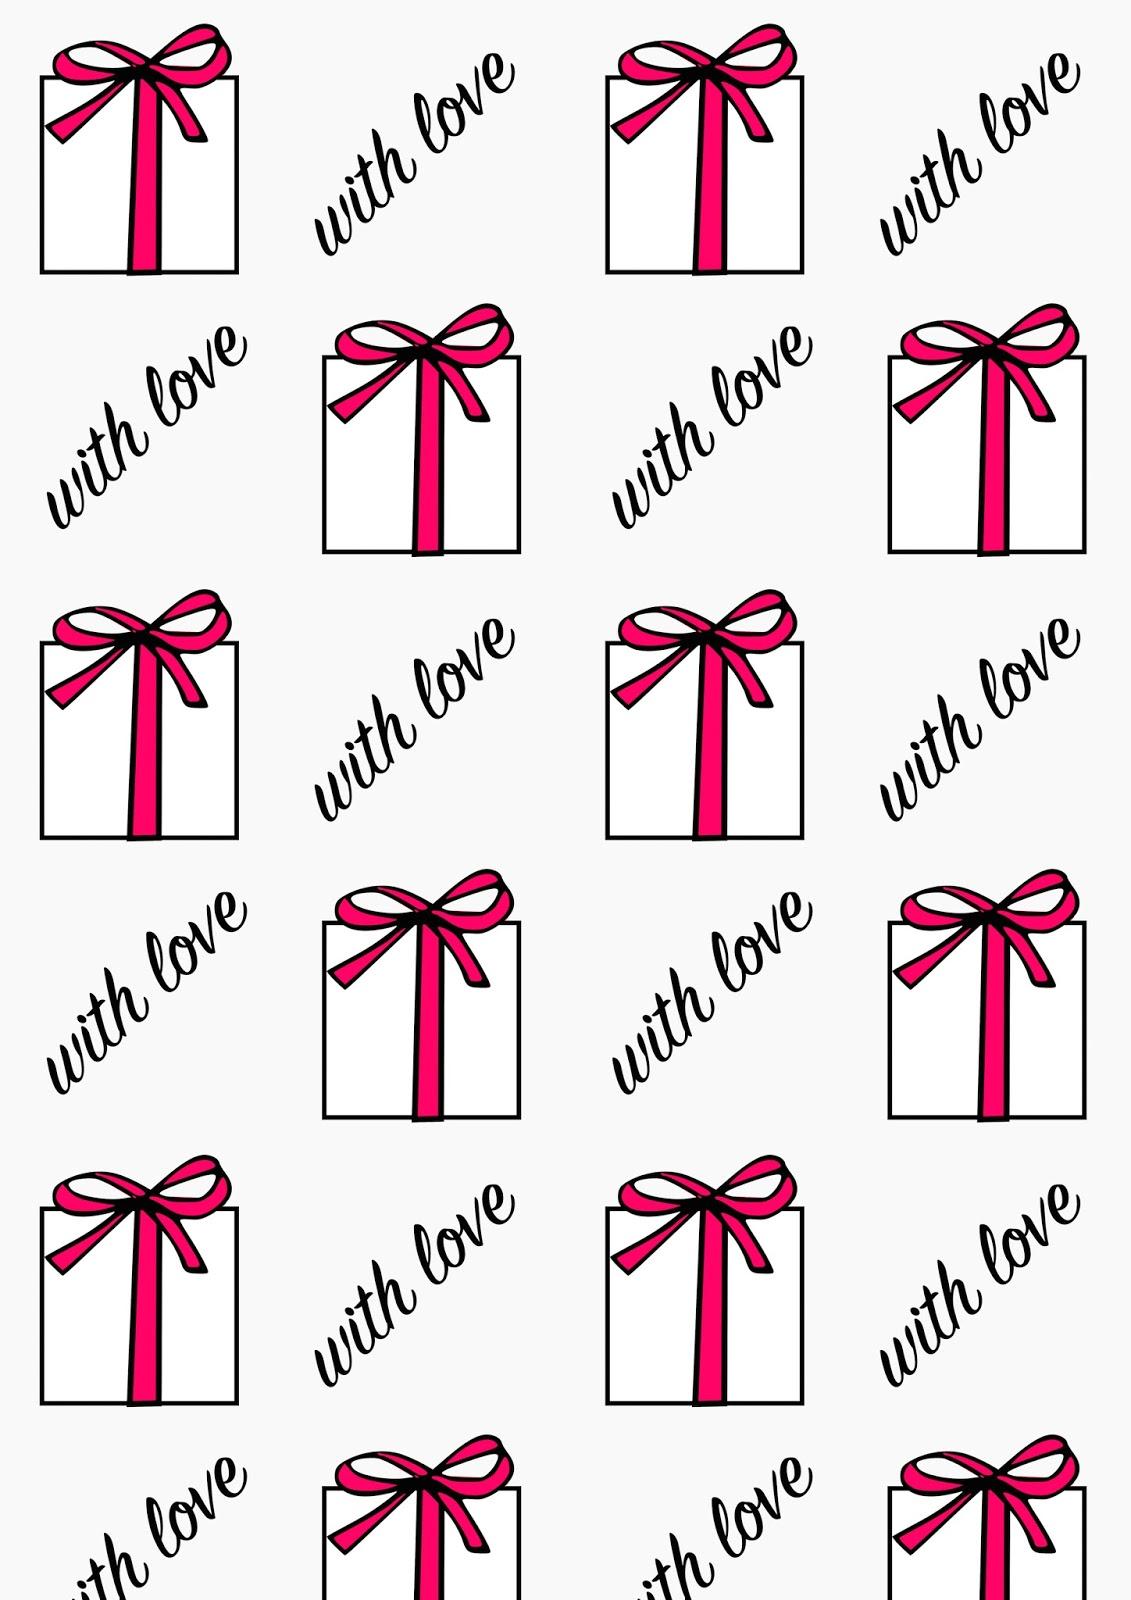 http://3.bp.blogspot.com/-SsHK69UdX1Q/VTpj4Zv9XZI/AAAAAAAAioQ/6J0KrPRA-vc/s1600/gift_paper_%2BA4.jpg